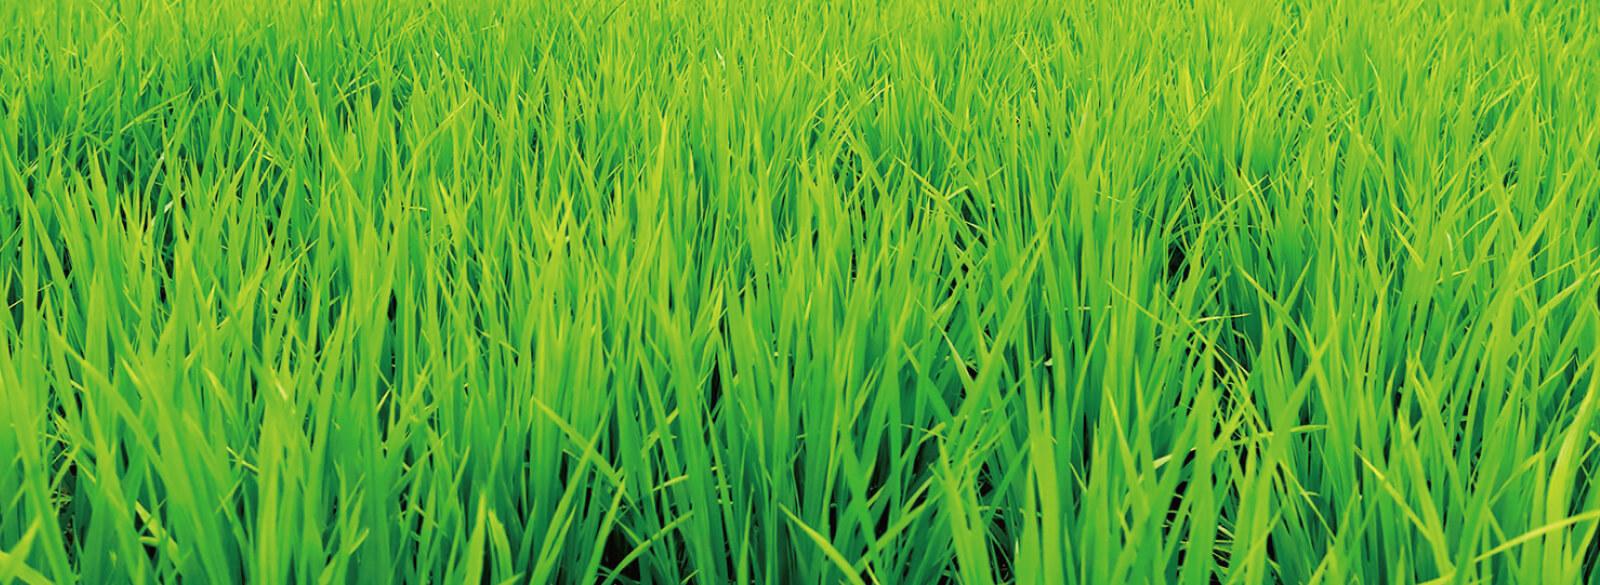 安全・安心な米作り